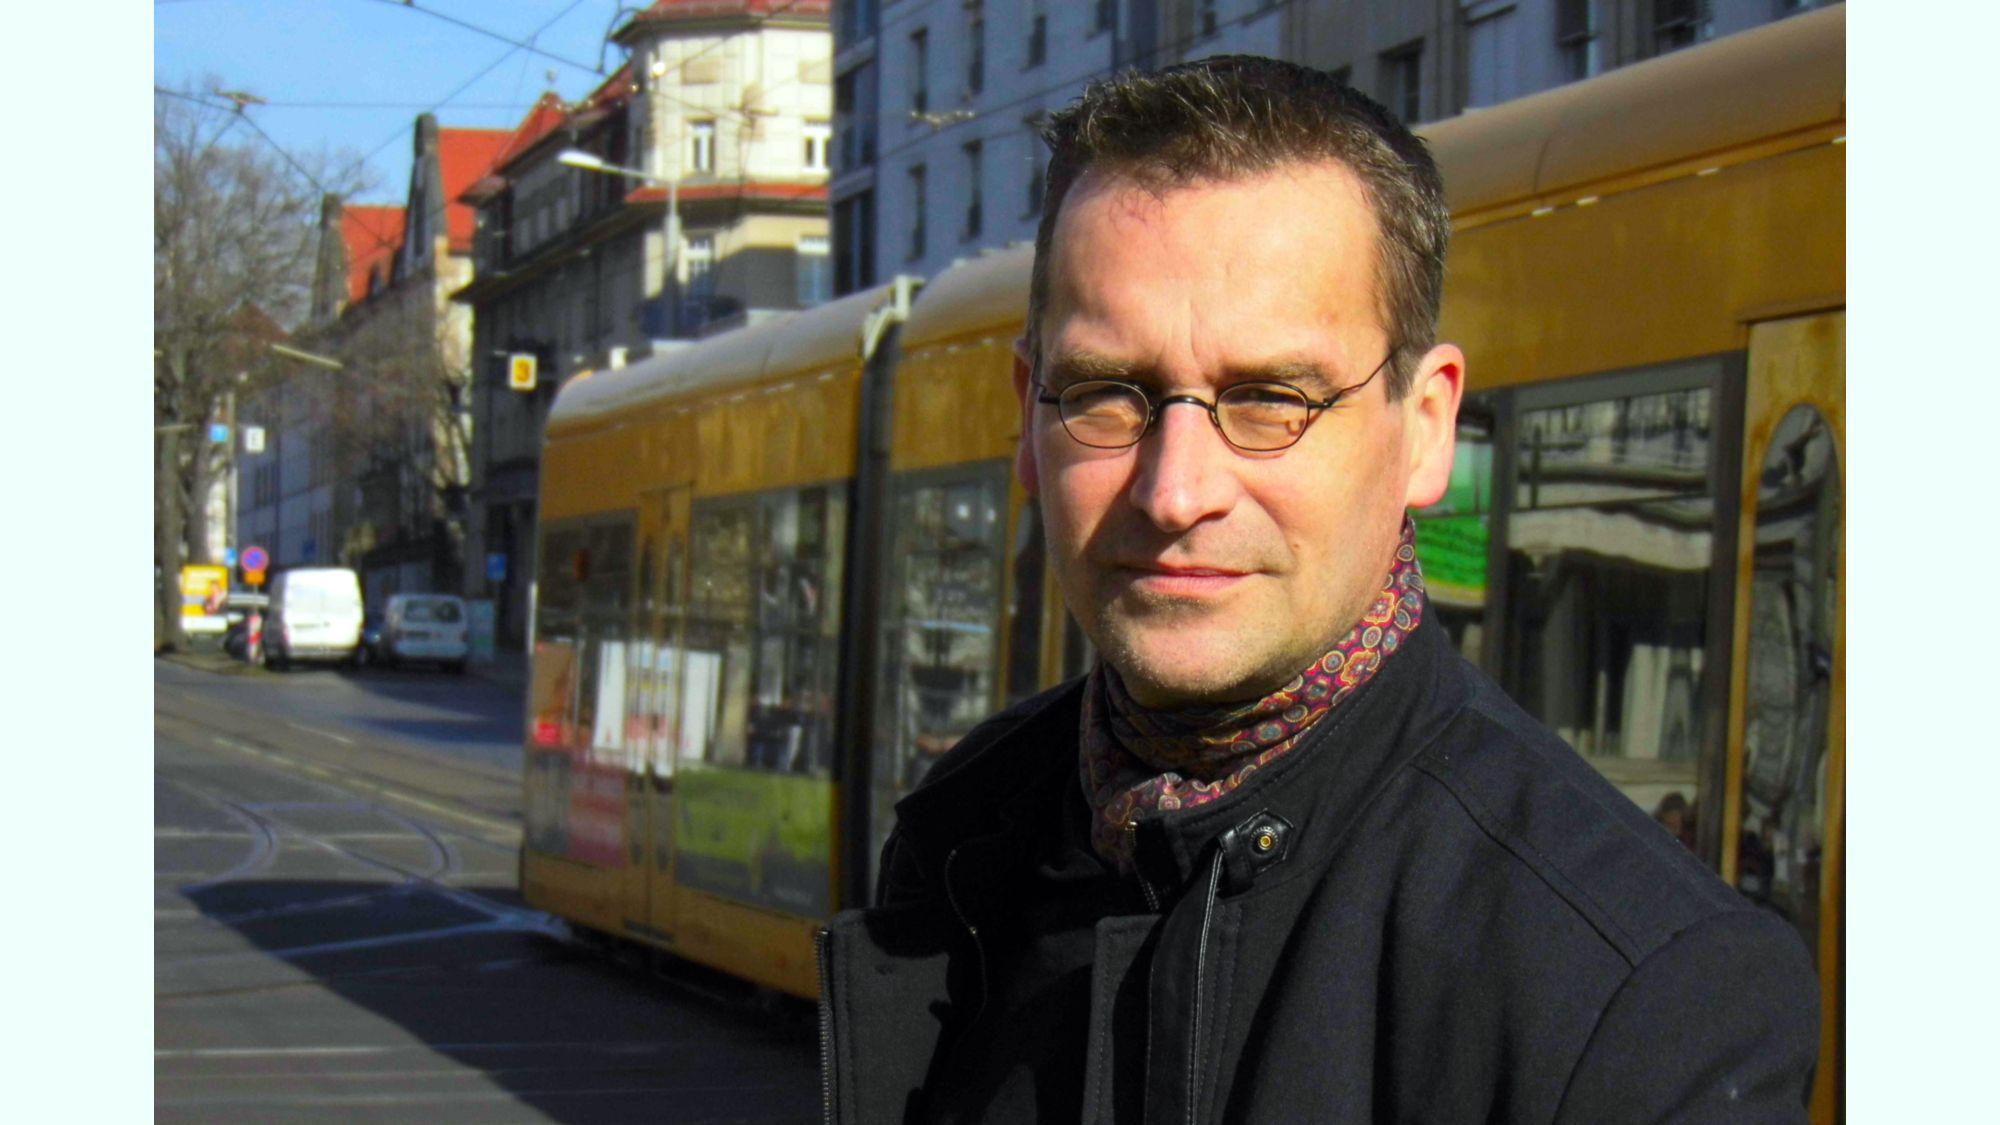 Dr. Martin Schulte-Wissermann (48), Physiker an der TU Dresden am Institut für Kern- und Teilchenphysik - Piraten